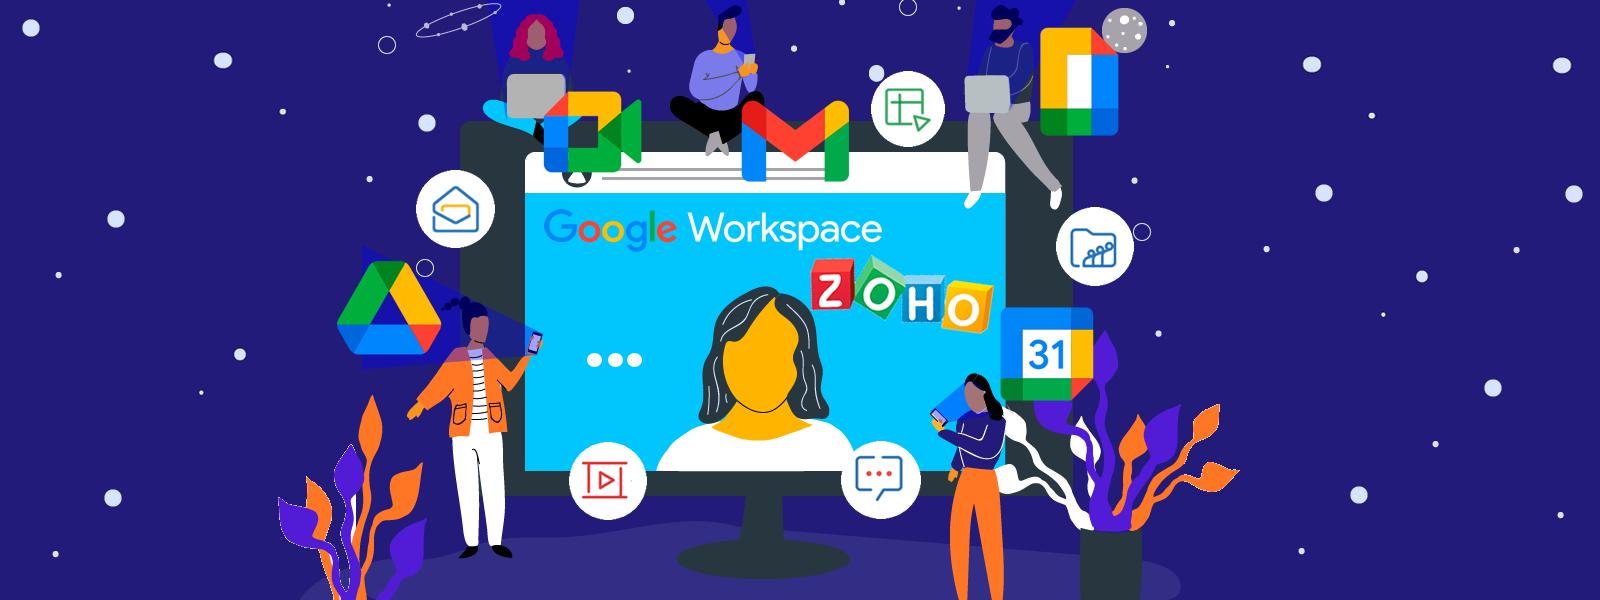 Beneficios de Google Workspace y Zoho: por qué considerarlos como complemento de tu hosting